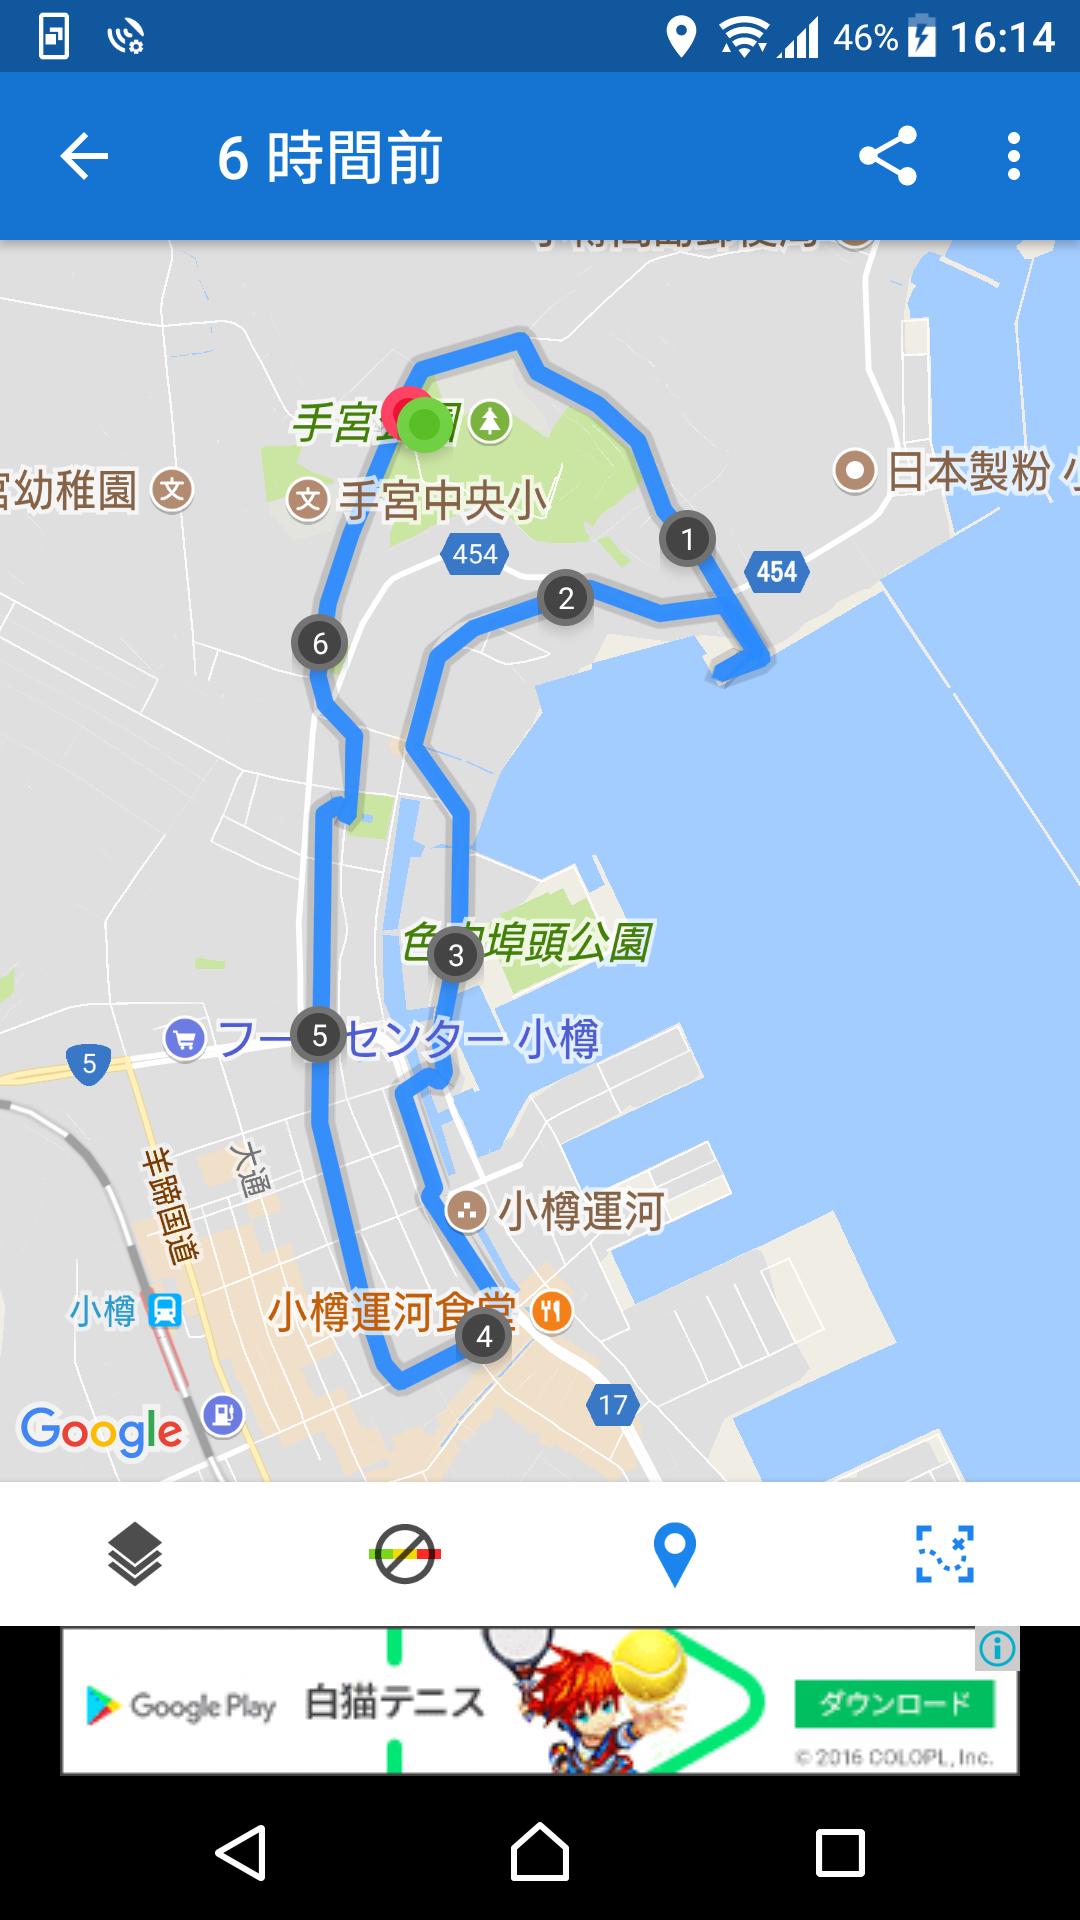 f:id:ynakayama27:20170621162640p:plain